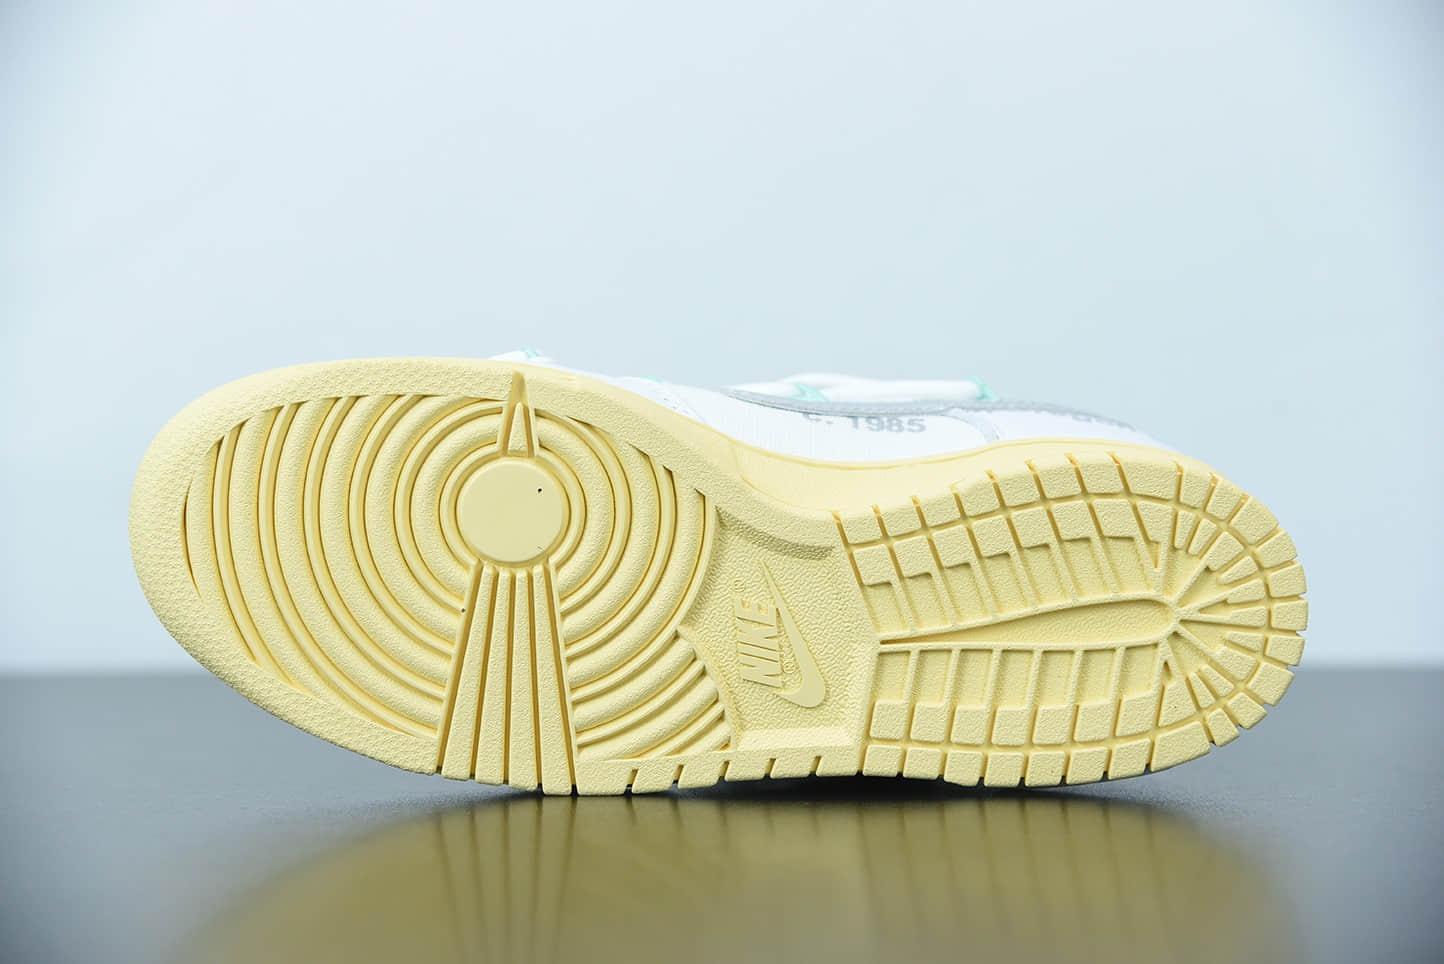 耐克 Off White x Futura x Nike Dunk Low Black Orange 三方联名黑橙解构板鞋纯原版本货号:DM1602-127